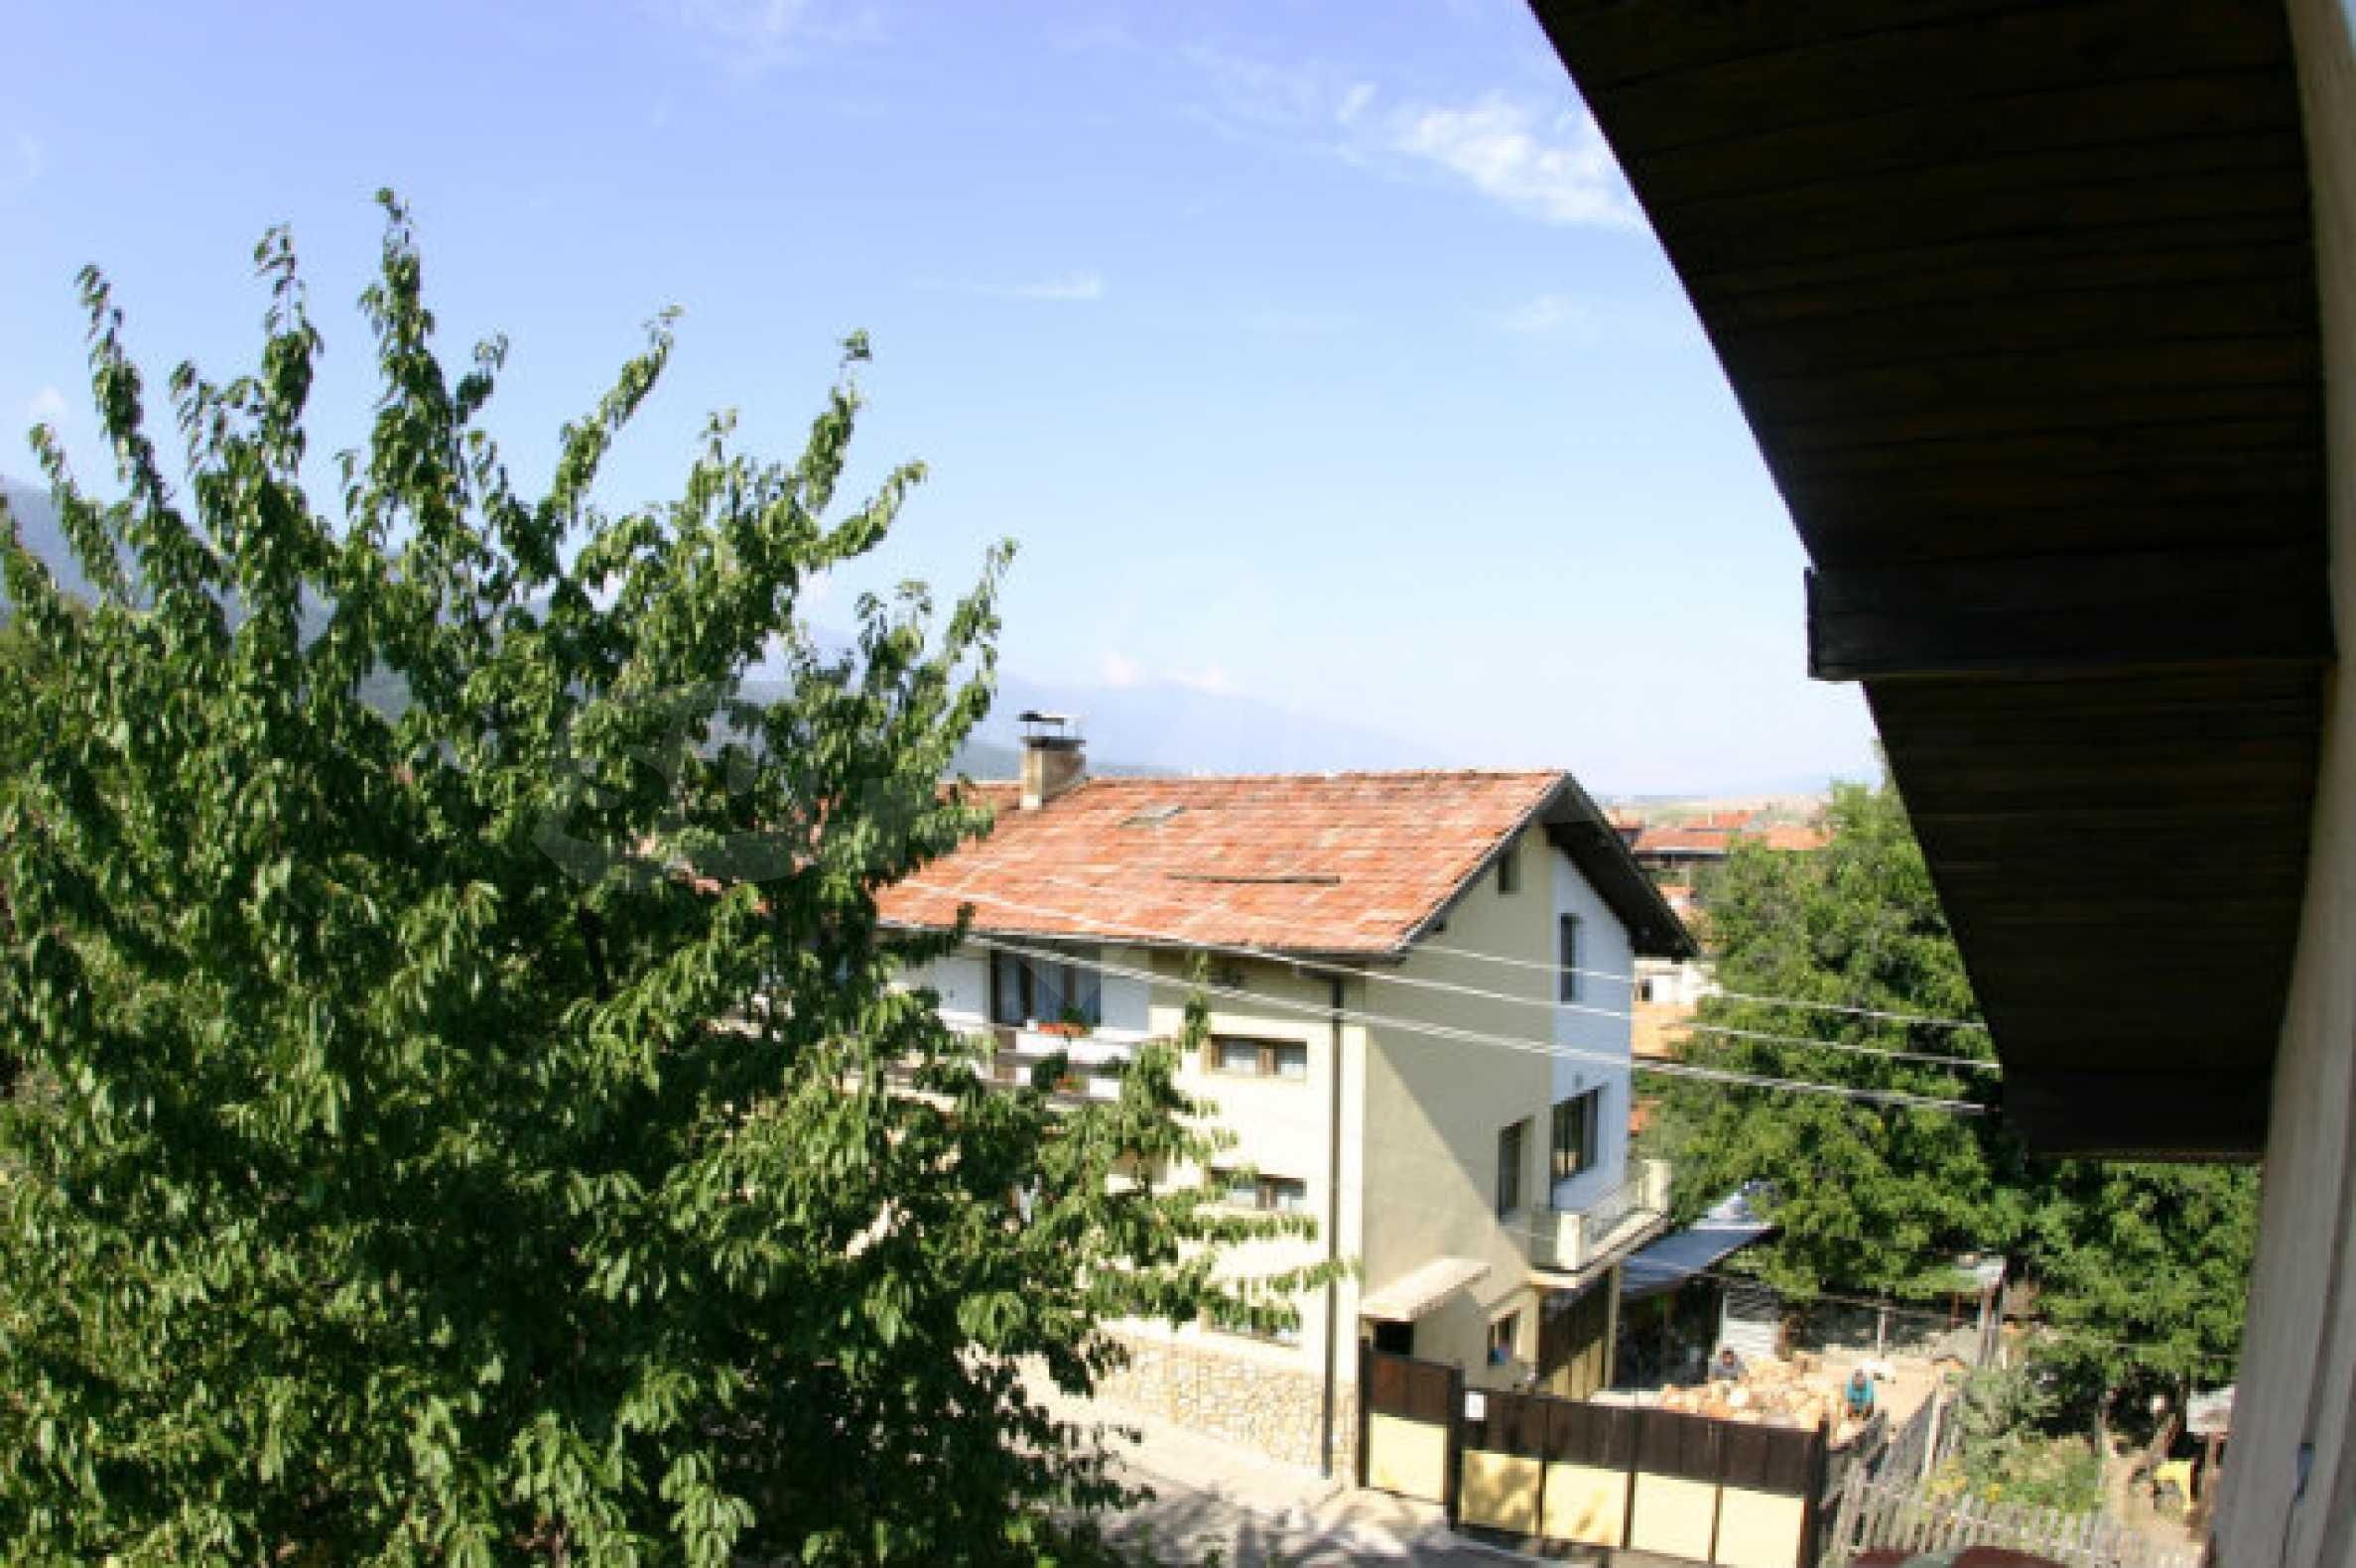 Familienhotel zum Verkauf in Dobrinischte, 6 km von Bansko entfernt 32